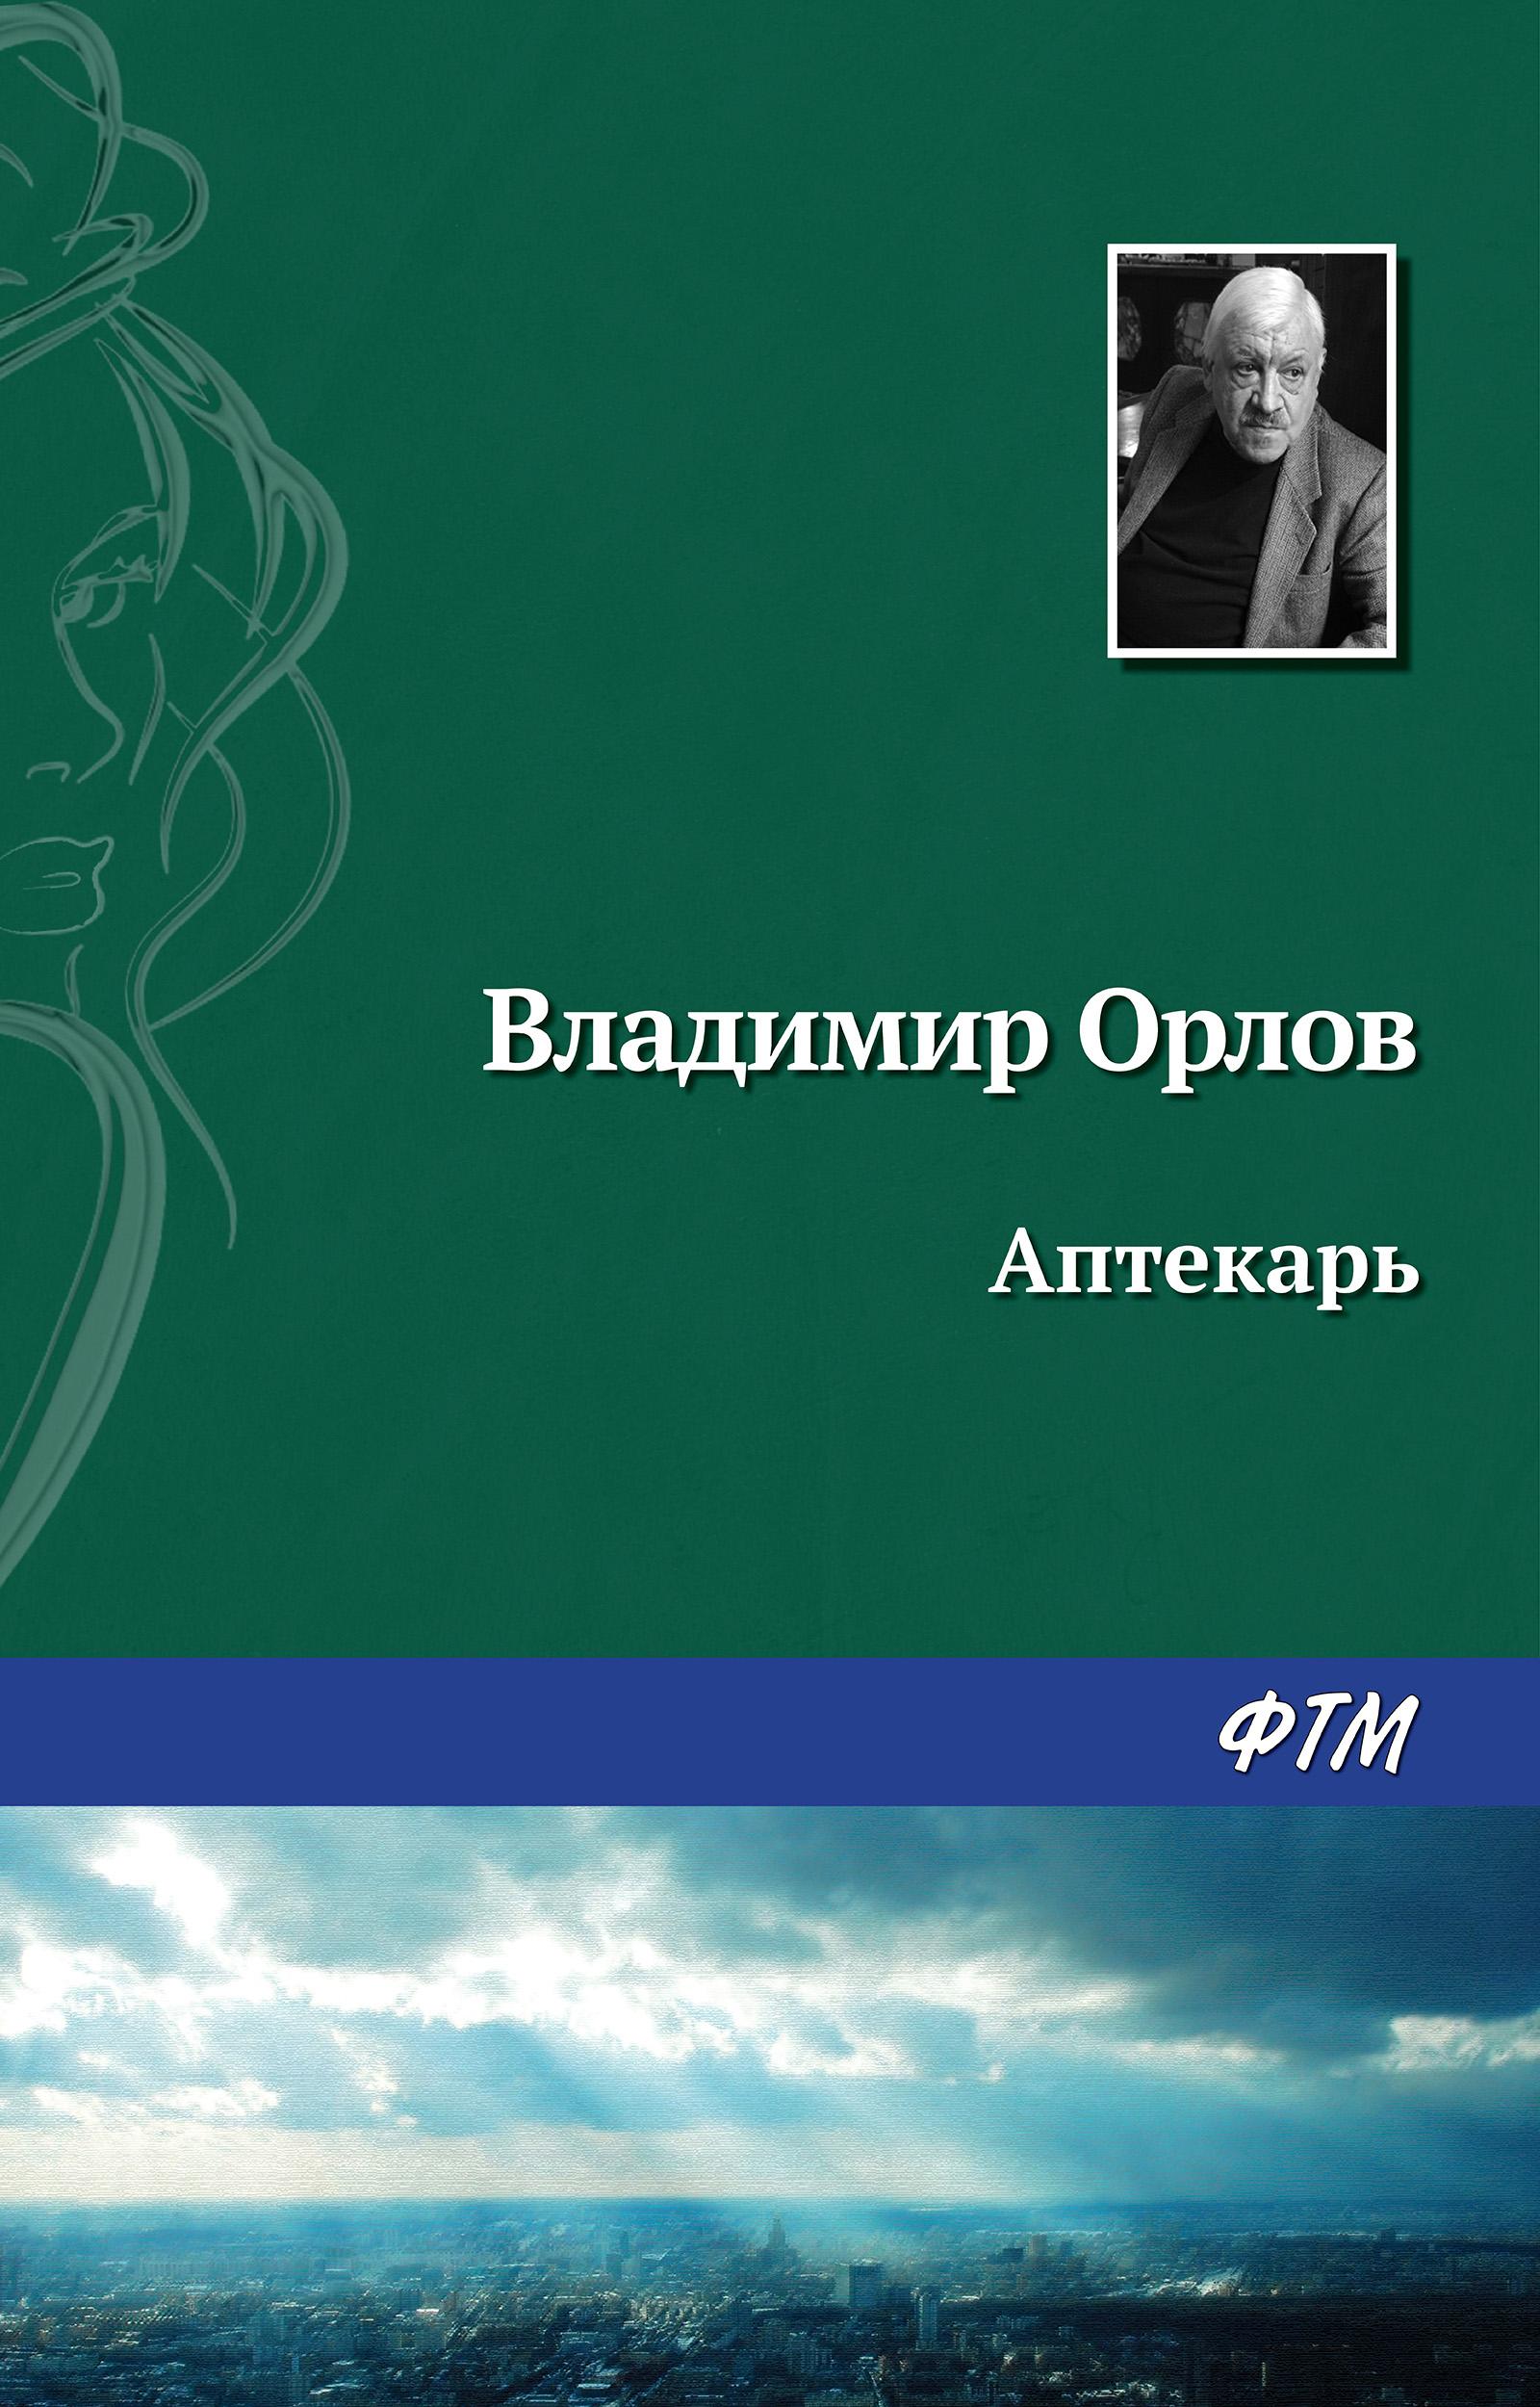 Владимир Орлов Аптекарь